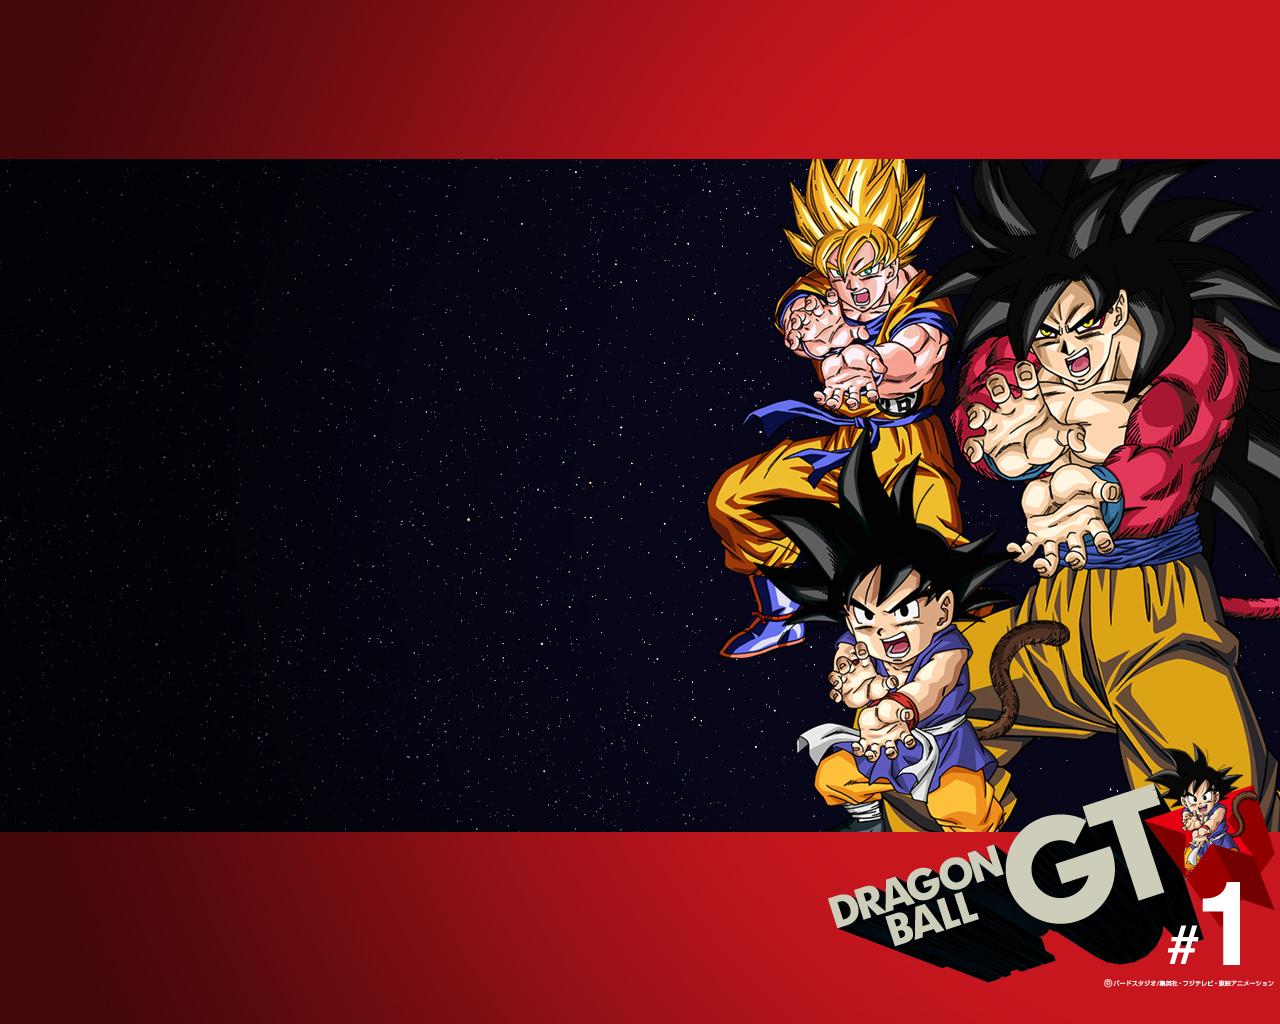 Dragon Ball Gt Thumbgal